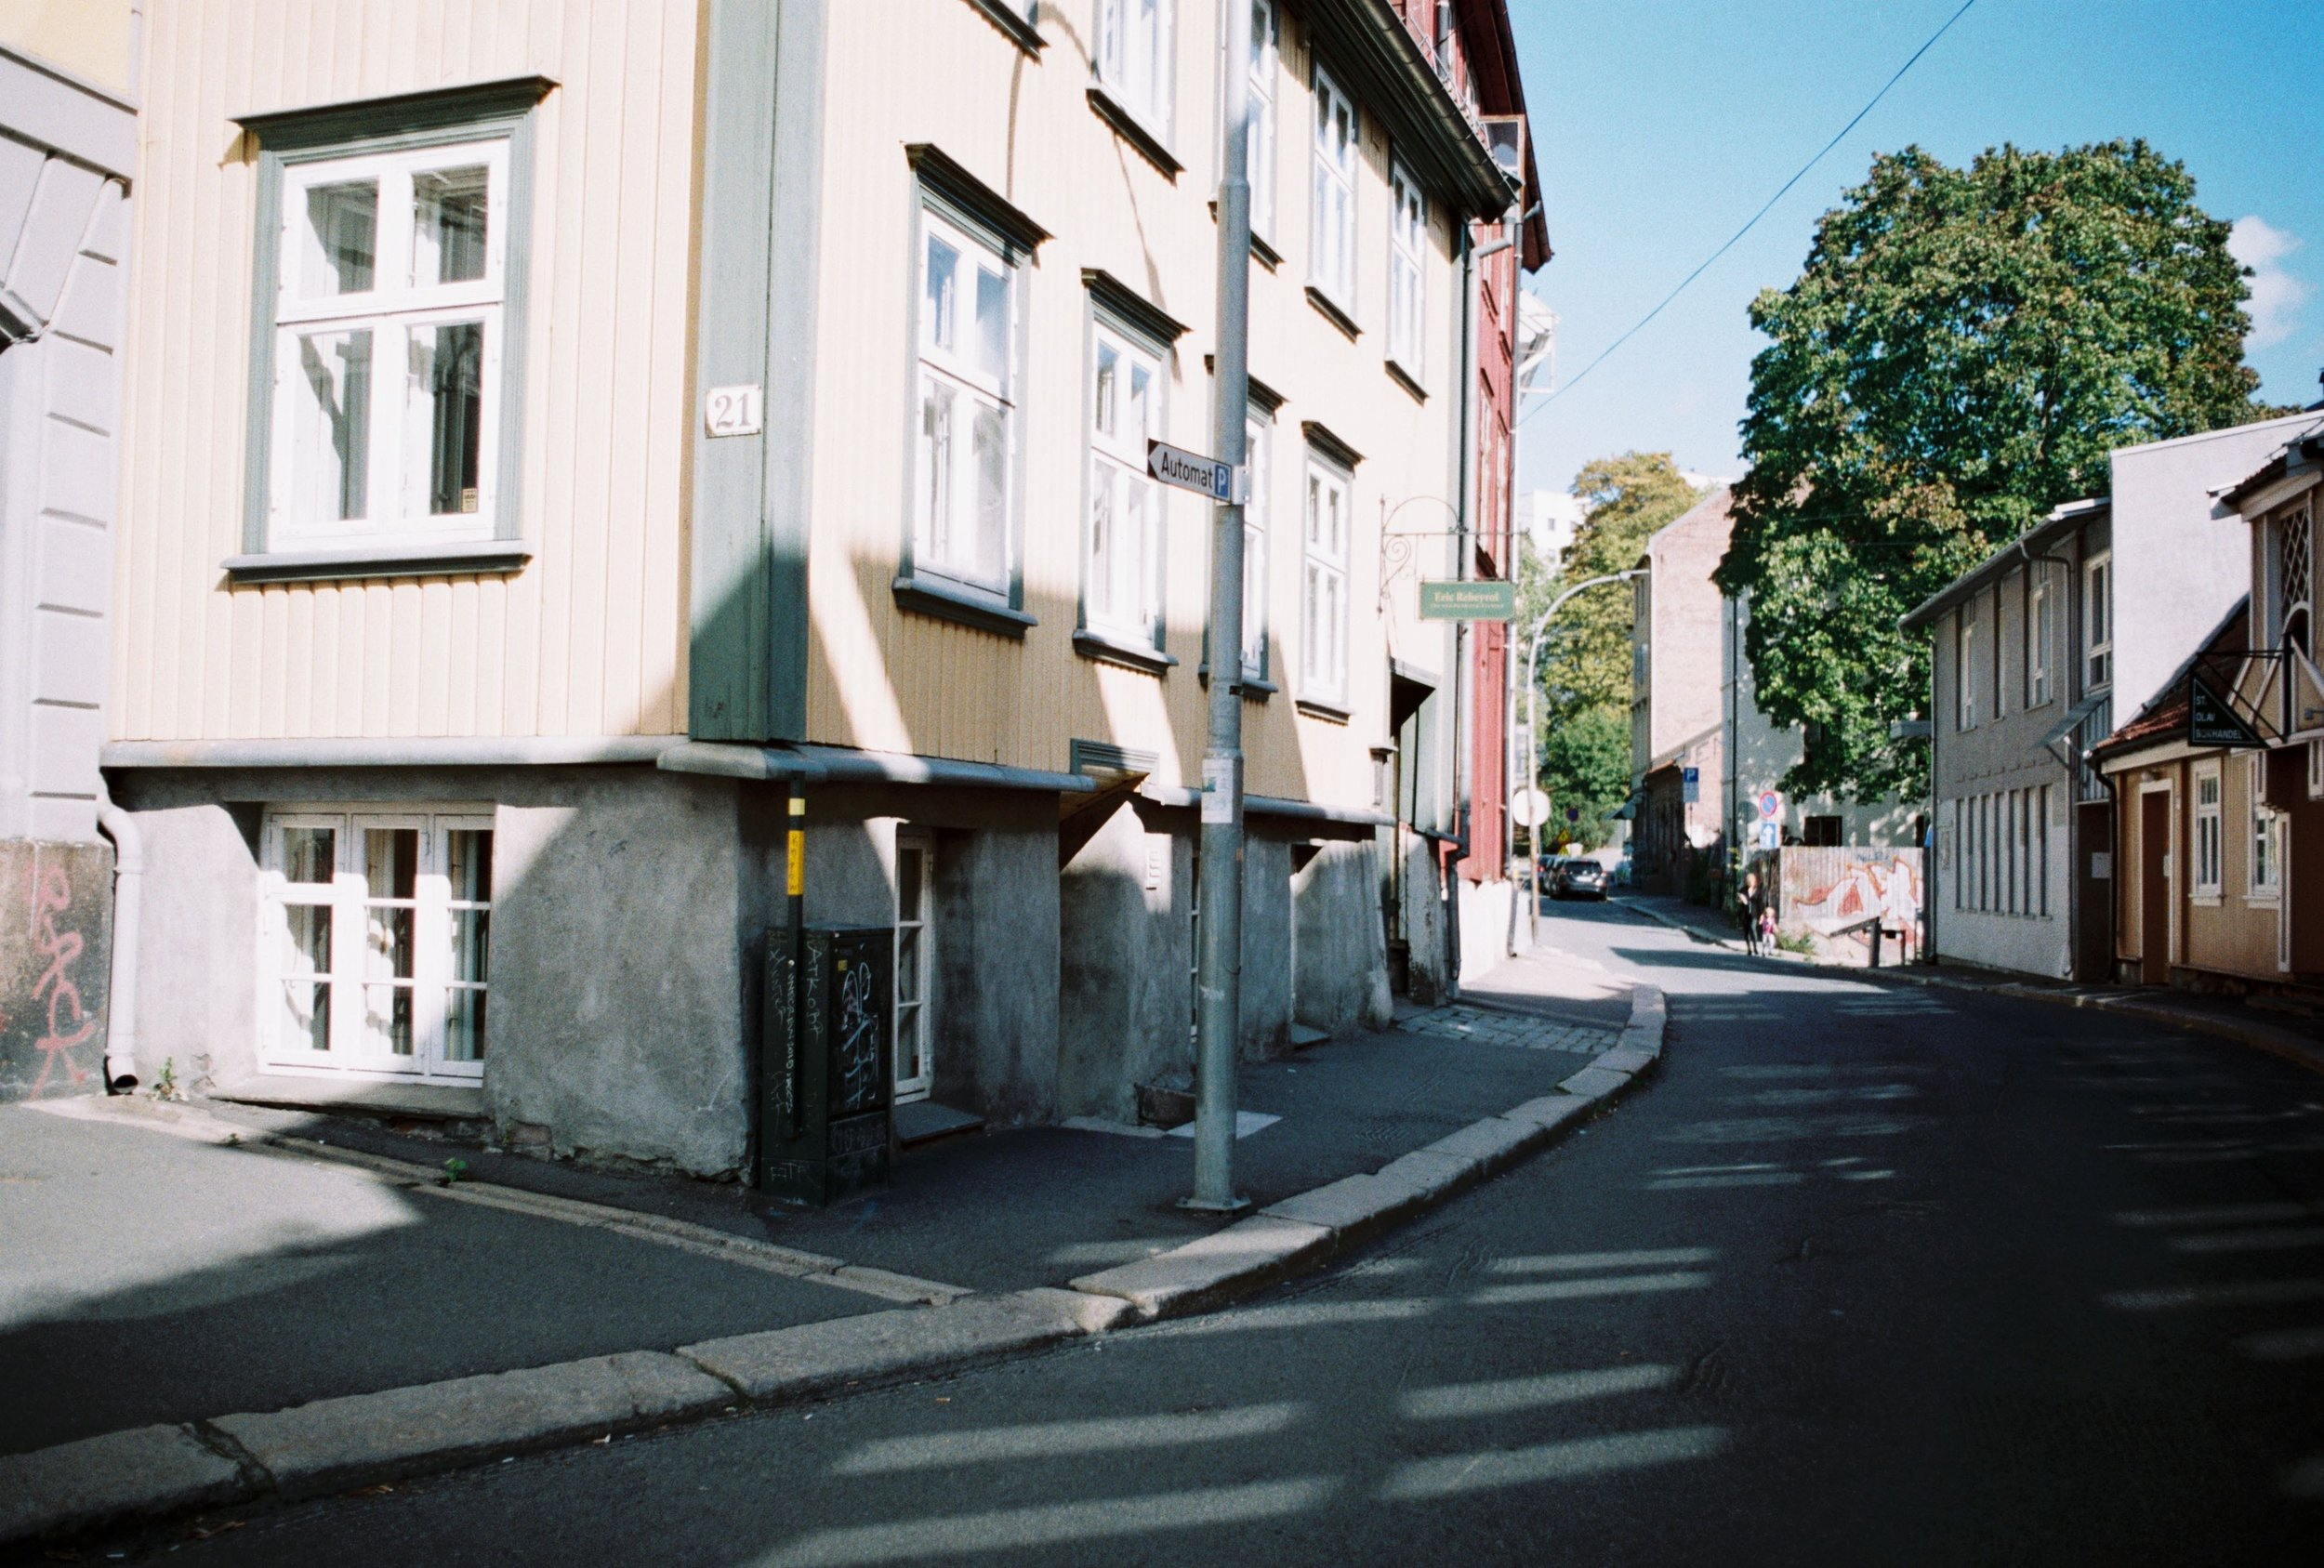 07 Kontoret utenfra.jpg